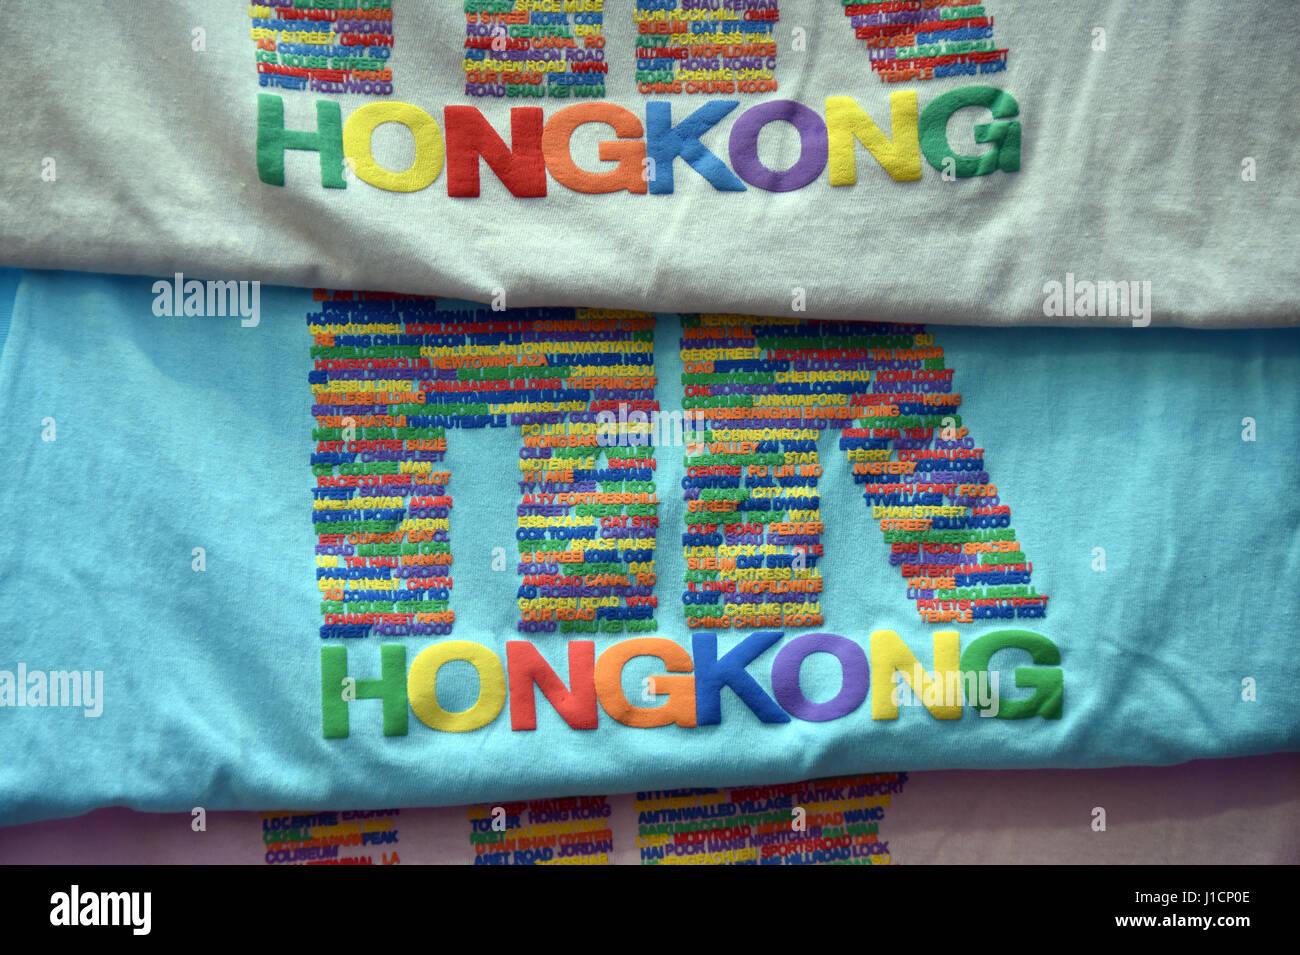 Hong Kong T Shirts - Stock Image